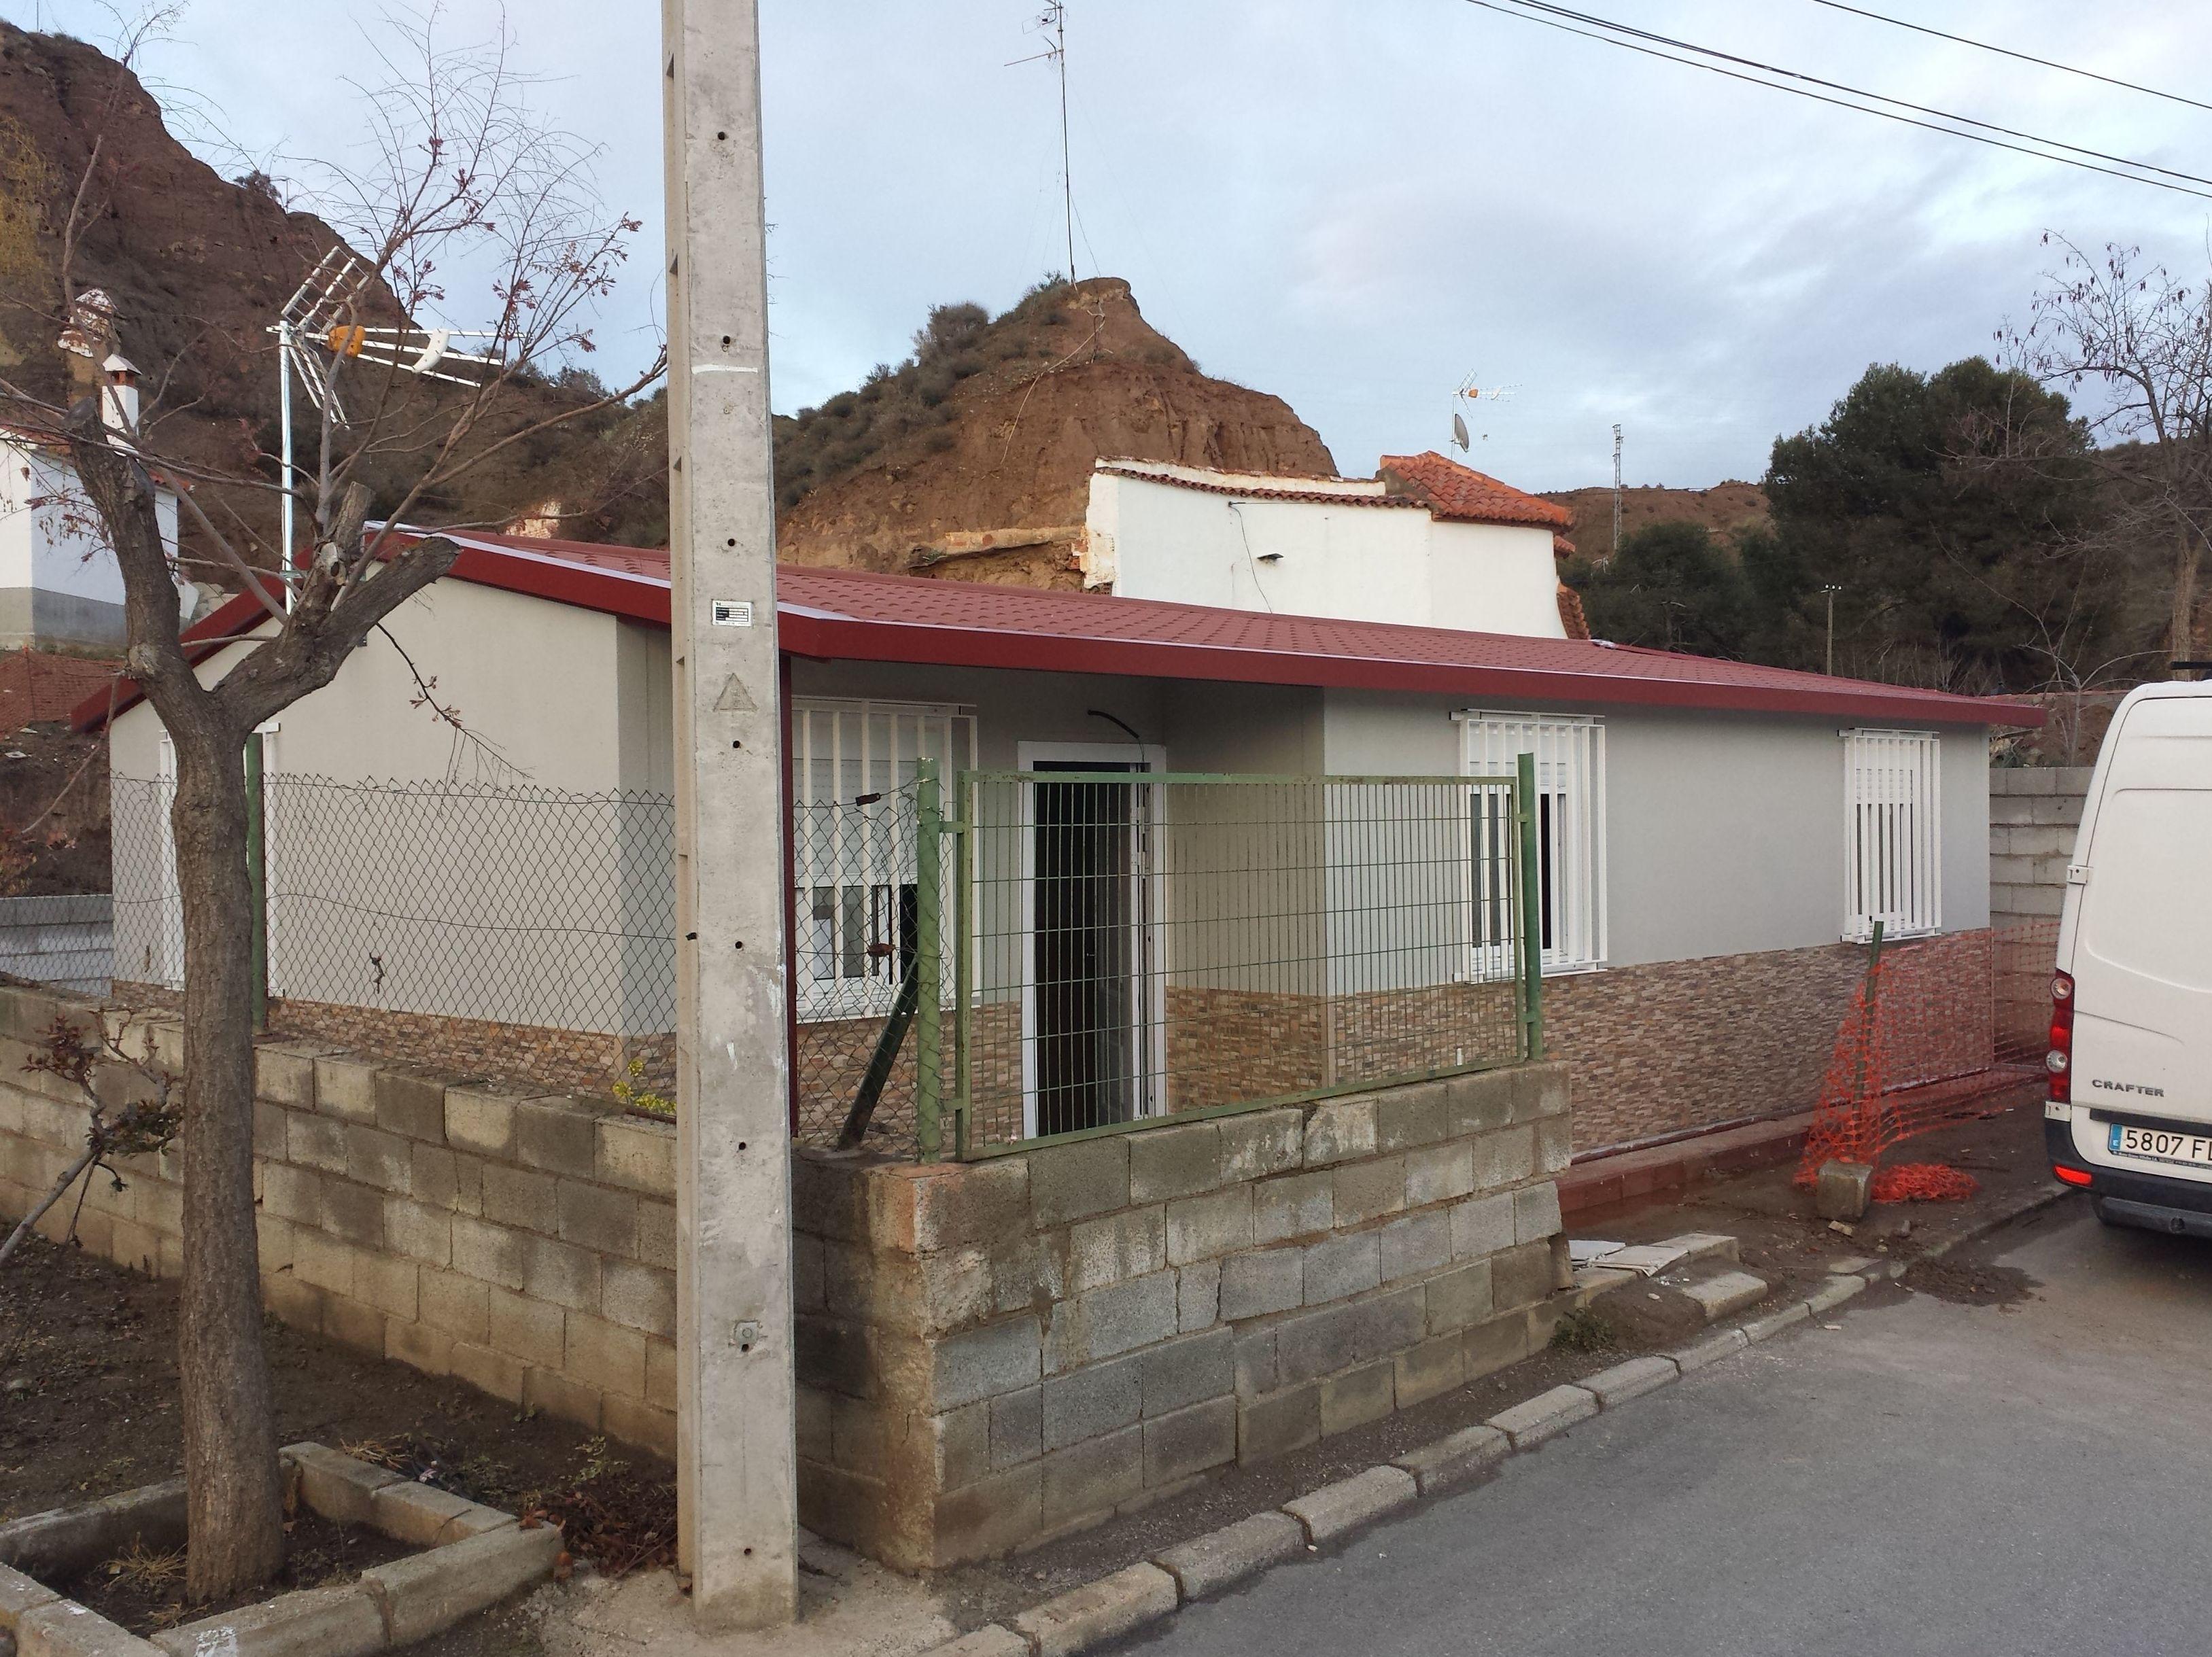 Foto 59 de Casas prefabricadas en Humanes | Wigarma